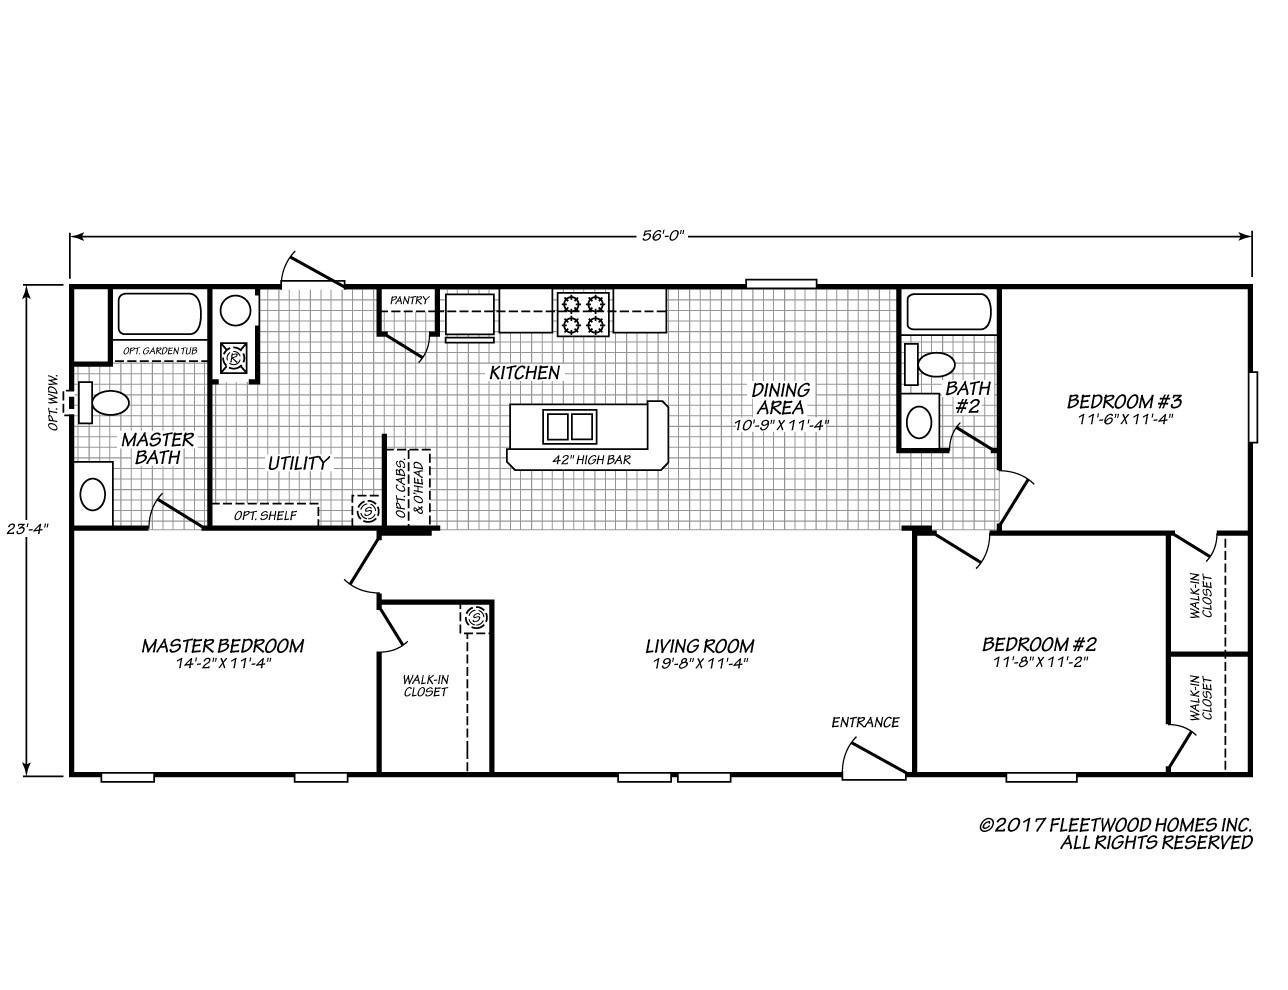 fleetwood floor plans attractive fleetwood mobile home floor plans cavareno home